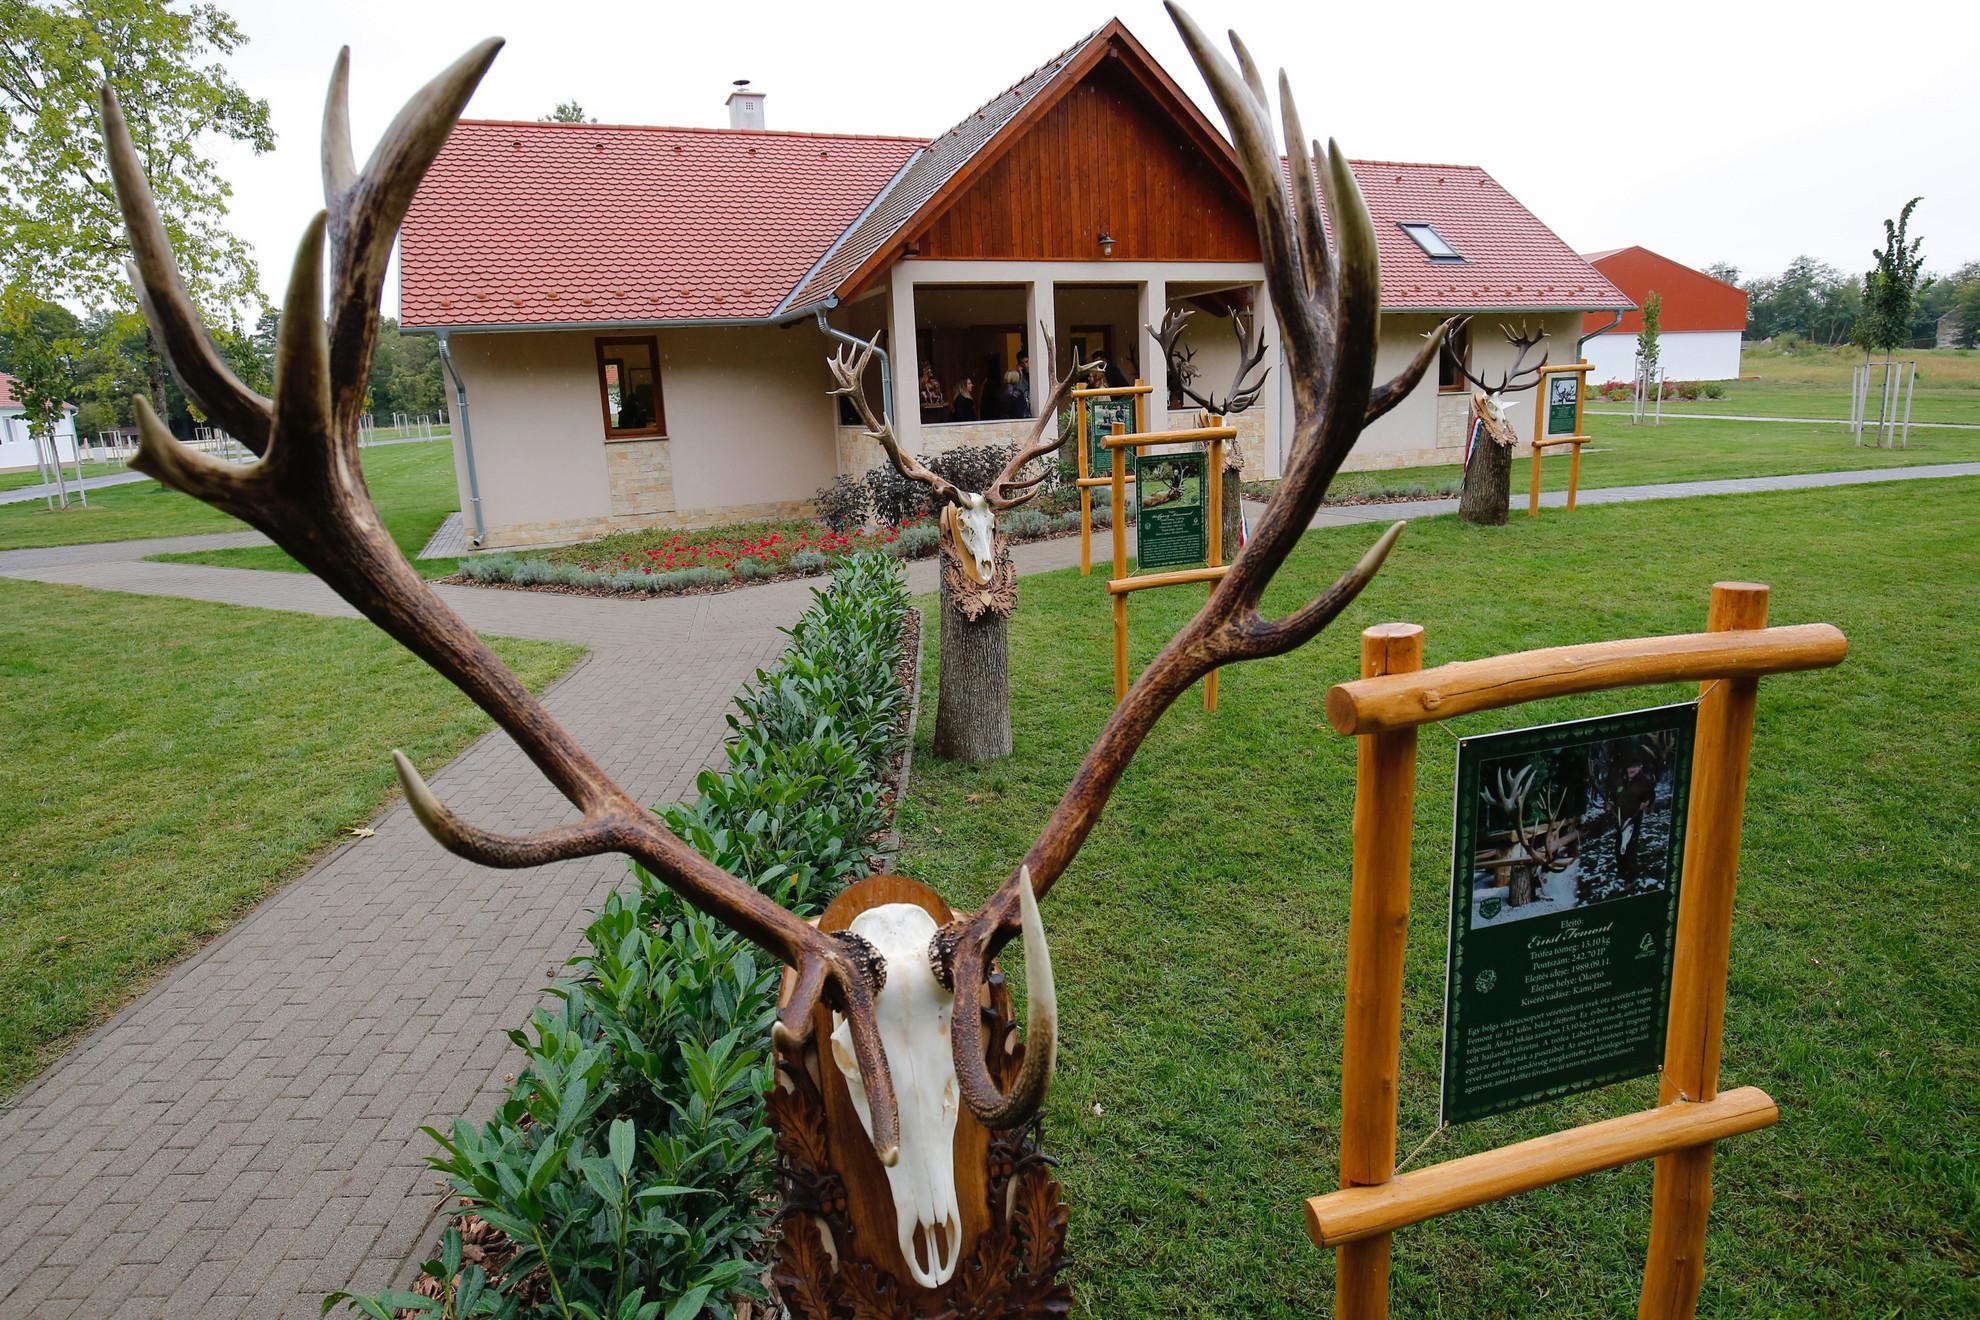 A magyar vadászrajzművészet egyik legmarkánsabb alakja, báró Schell József (1900-1970) tiszteletére kialakított park a somogyi Lábodhoz tartozó Nagysalléri Gazdálkodási és Turisztikai központban az átadás napján, 2021. szeptember 17-én